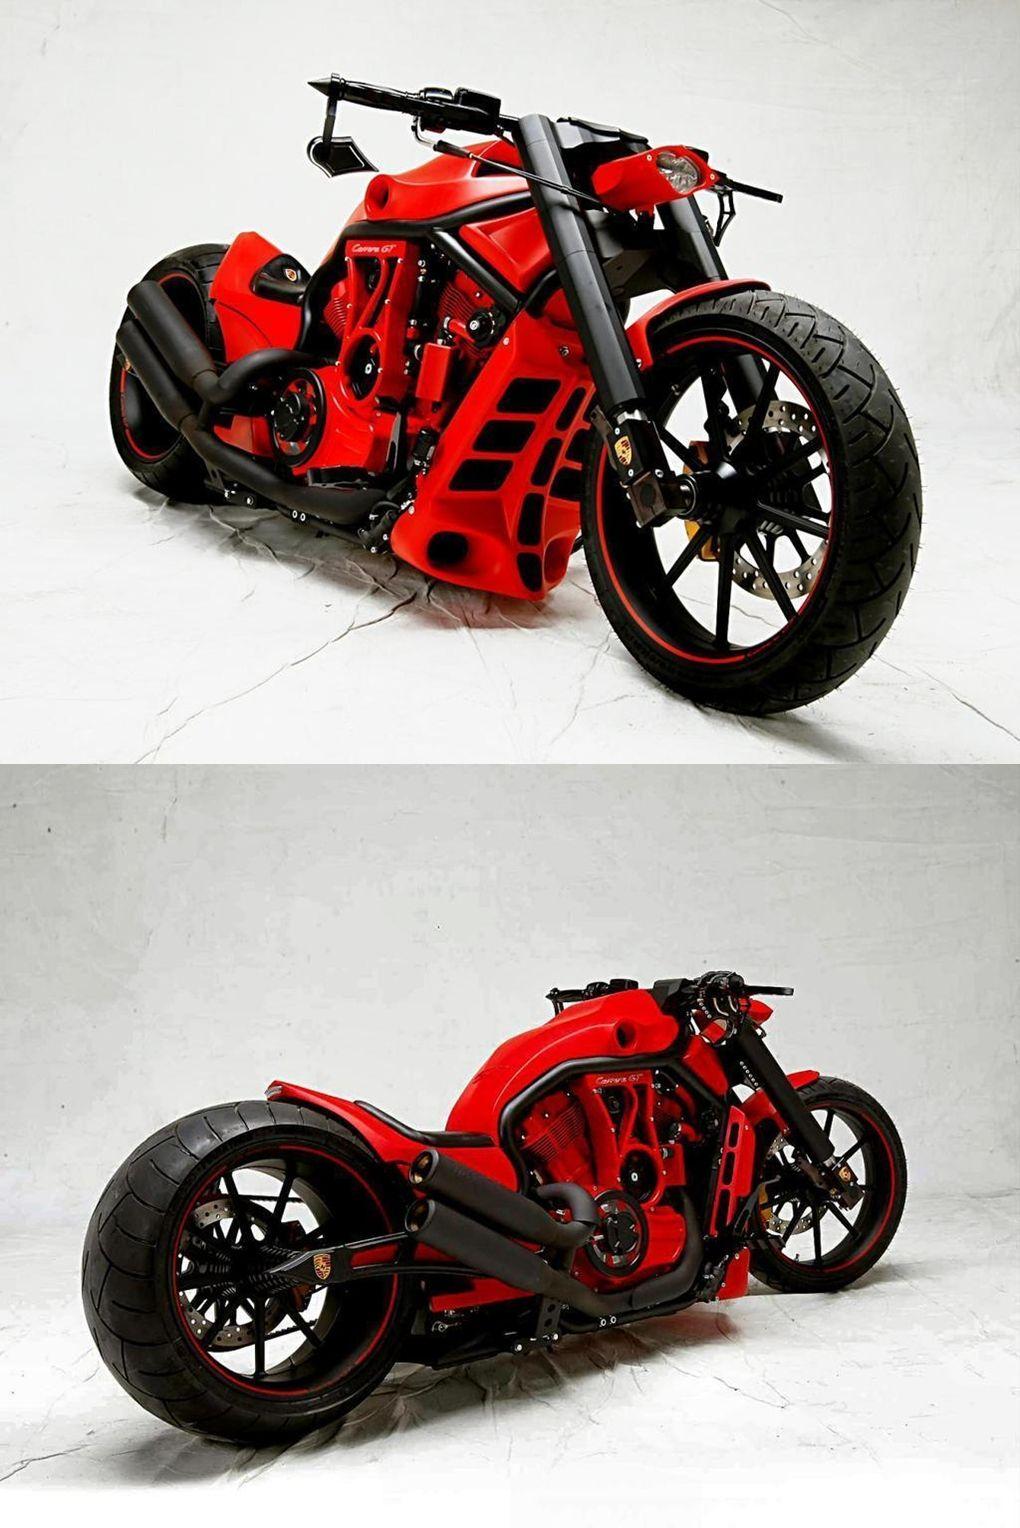 PORSCHE CUSTOM CHOPPER motorcycles